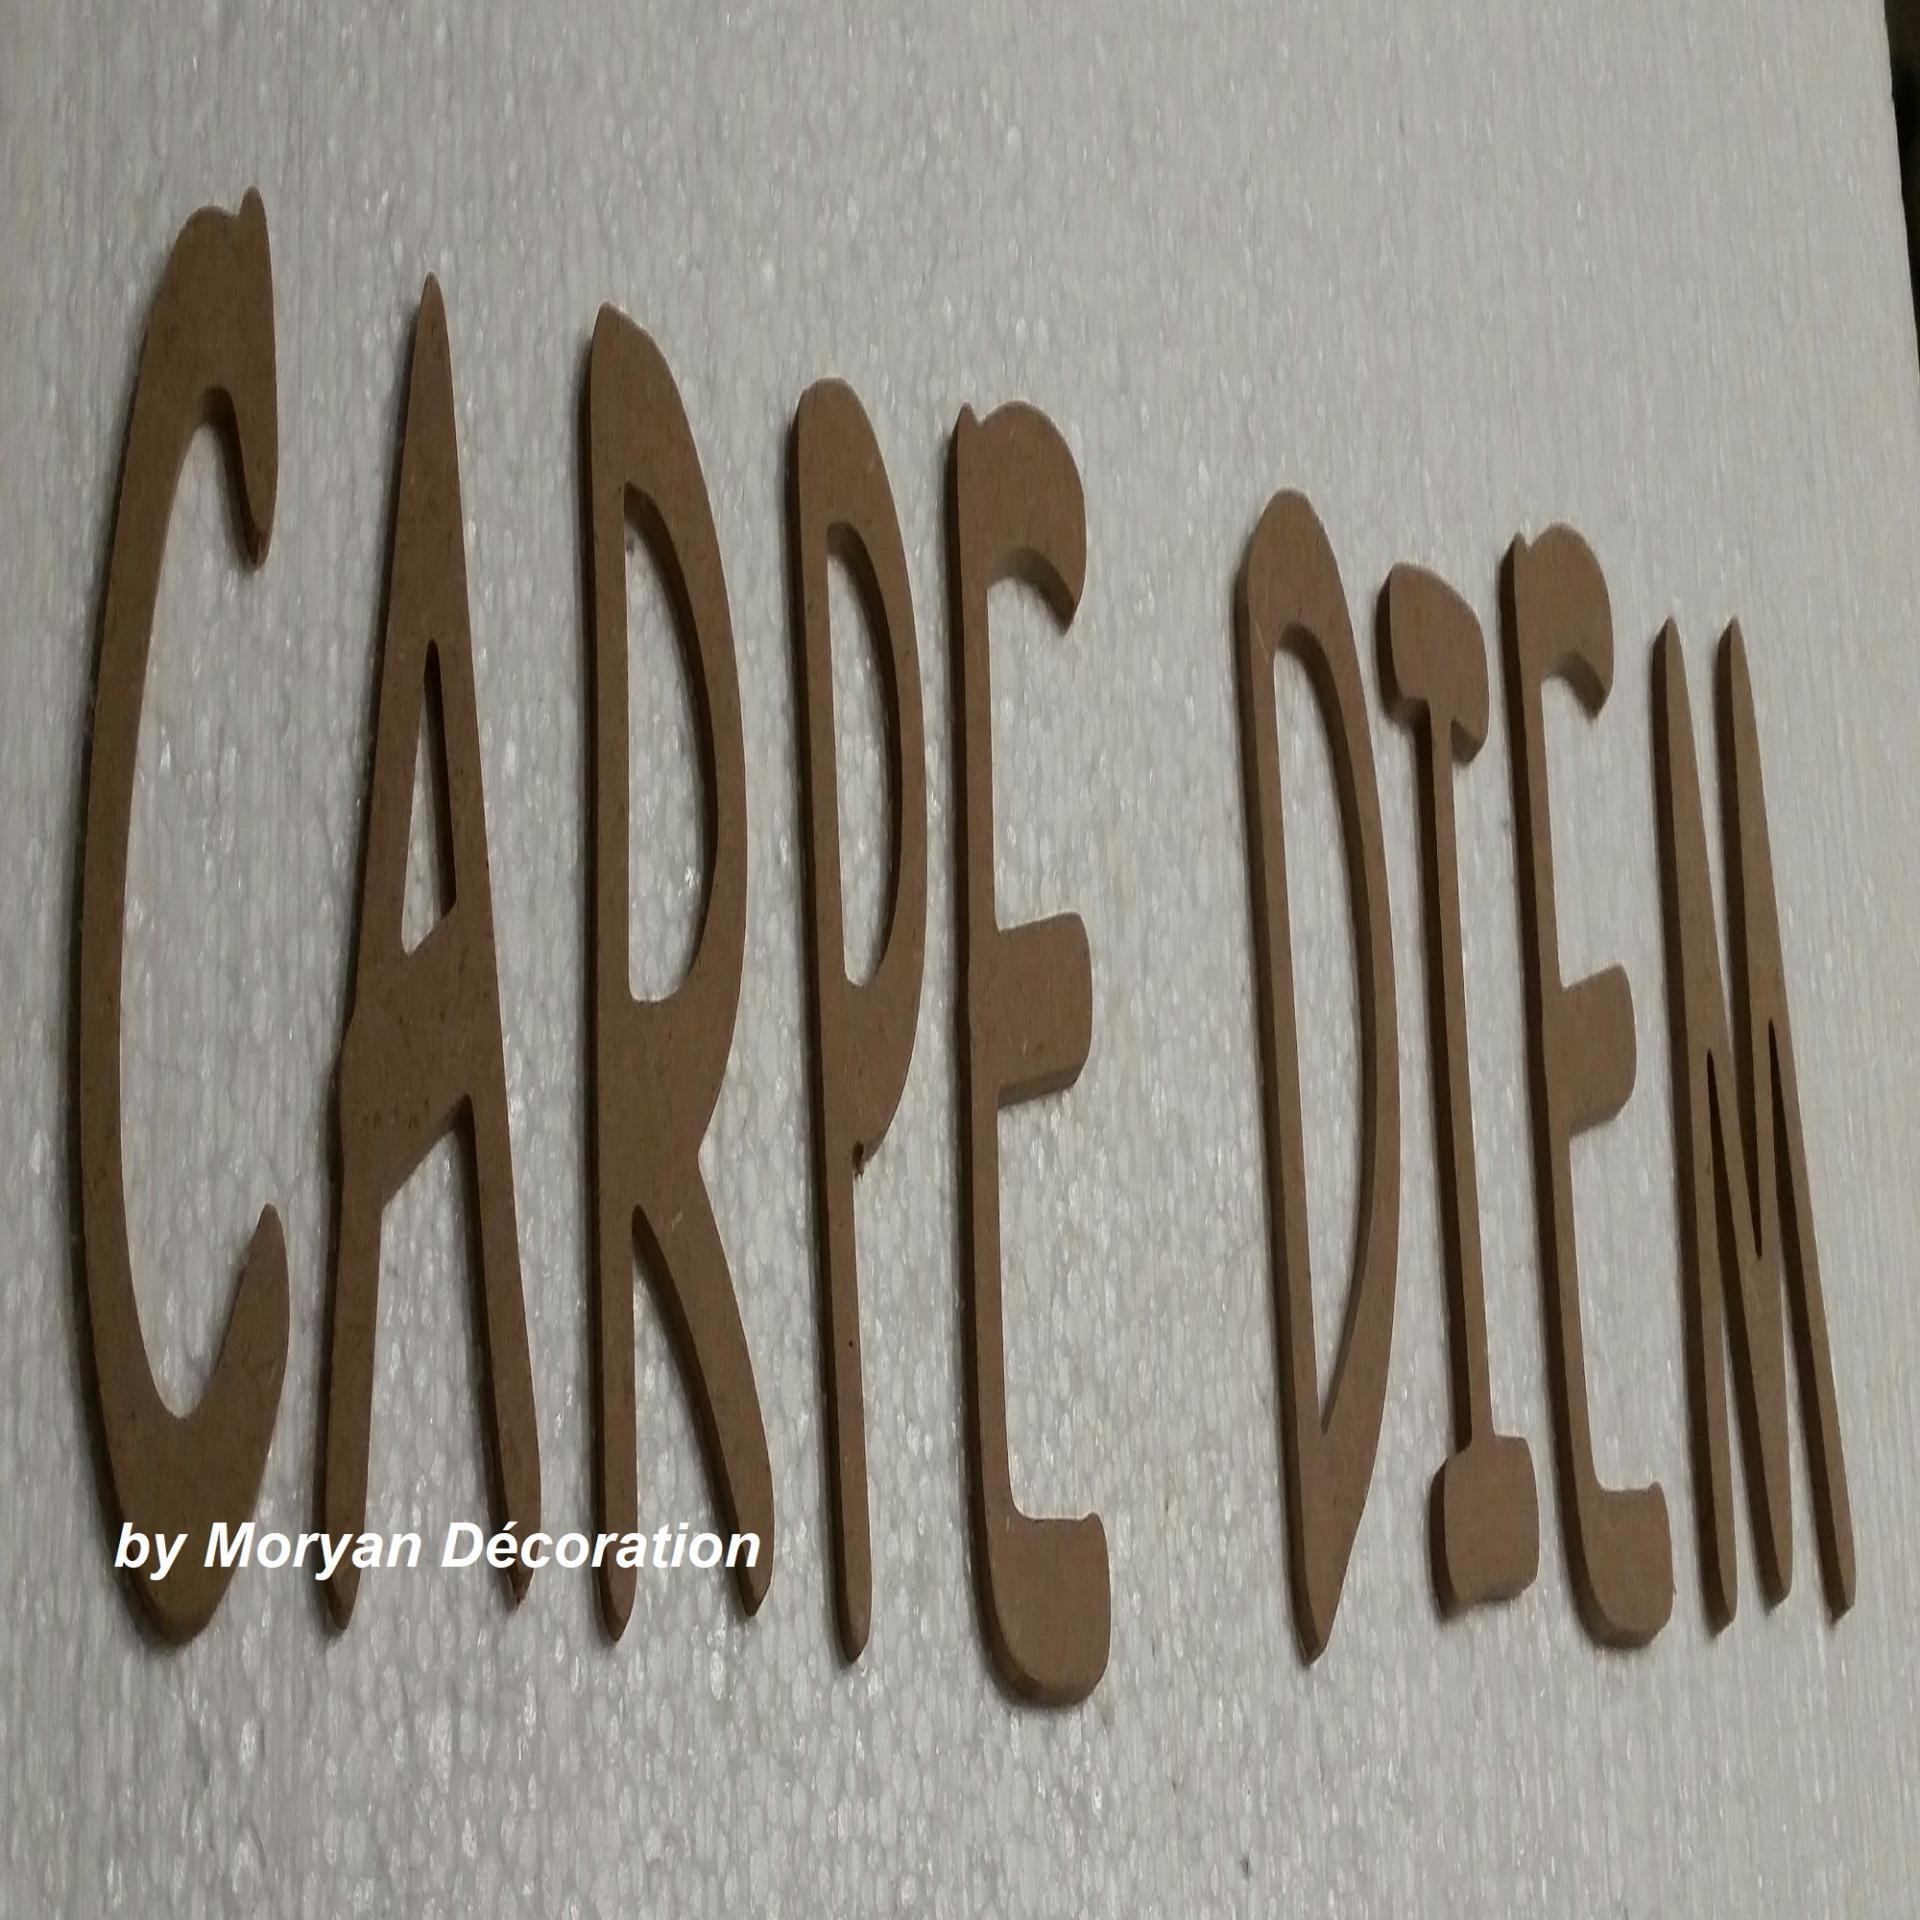 Lettre en bois decorative carpe diem 40 cm